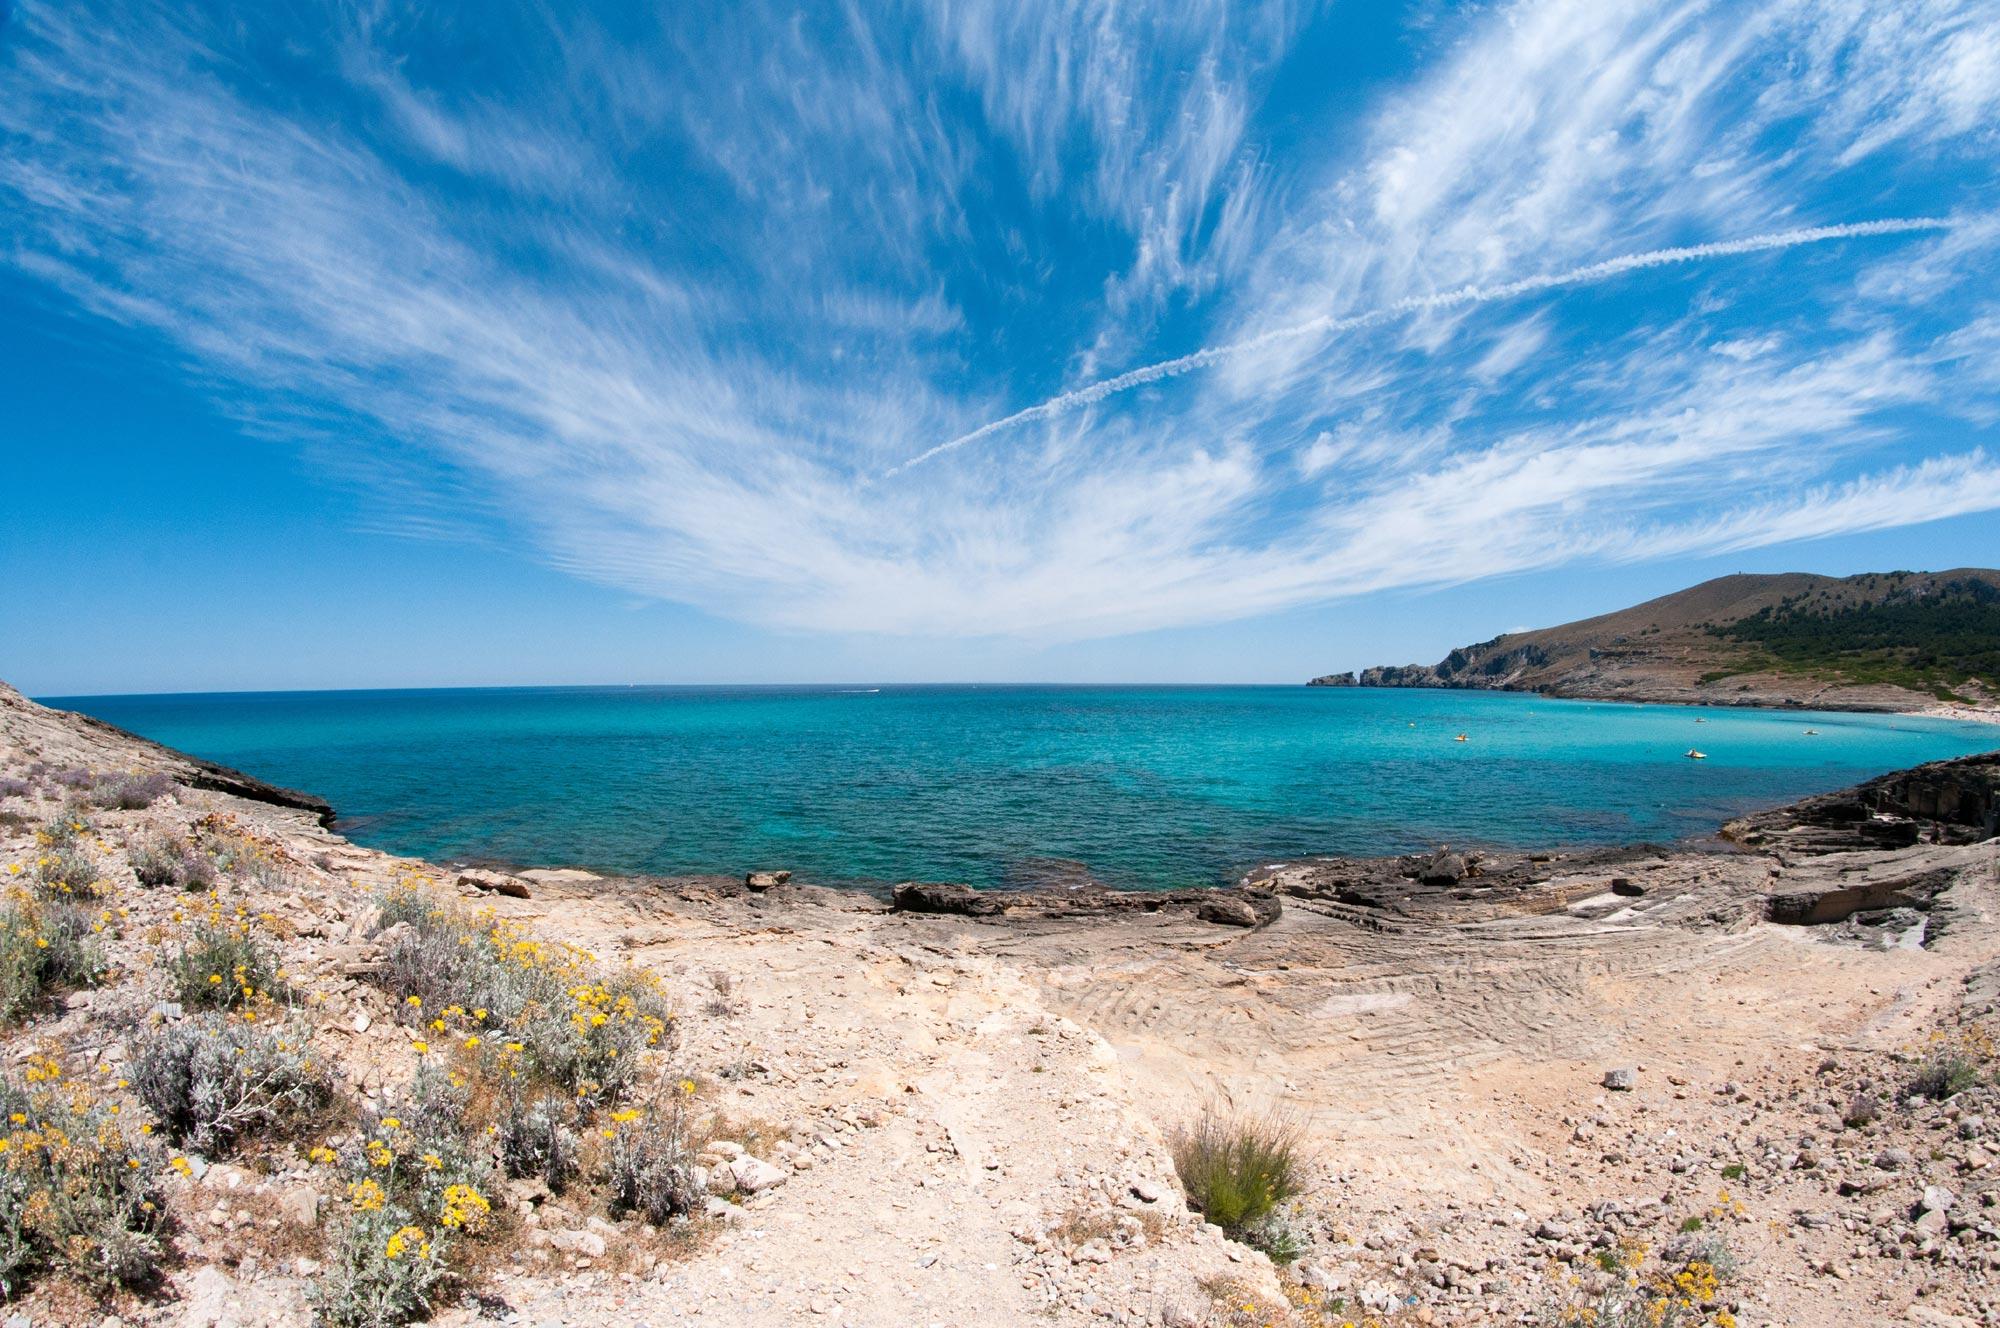 Entdecken Sie beim Insel-Coaching unbekannte Strände und Buchten auf Mallorca